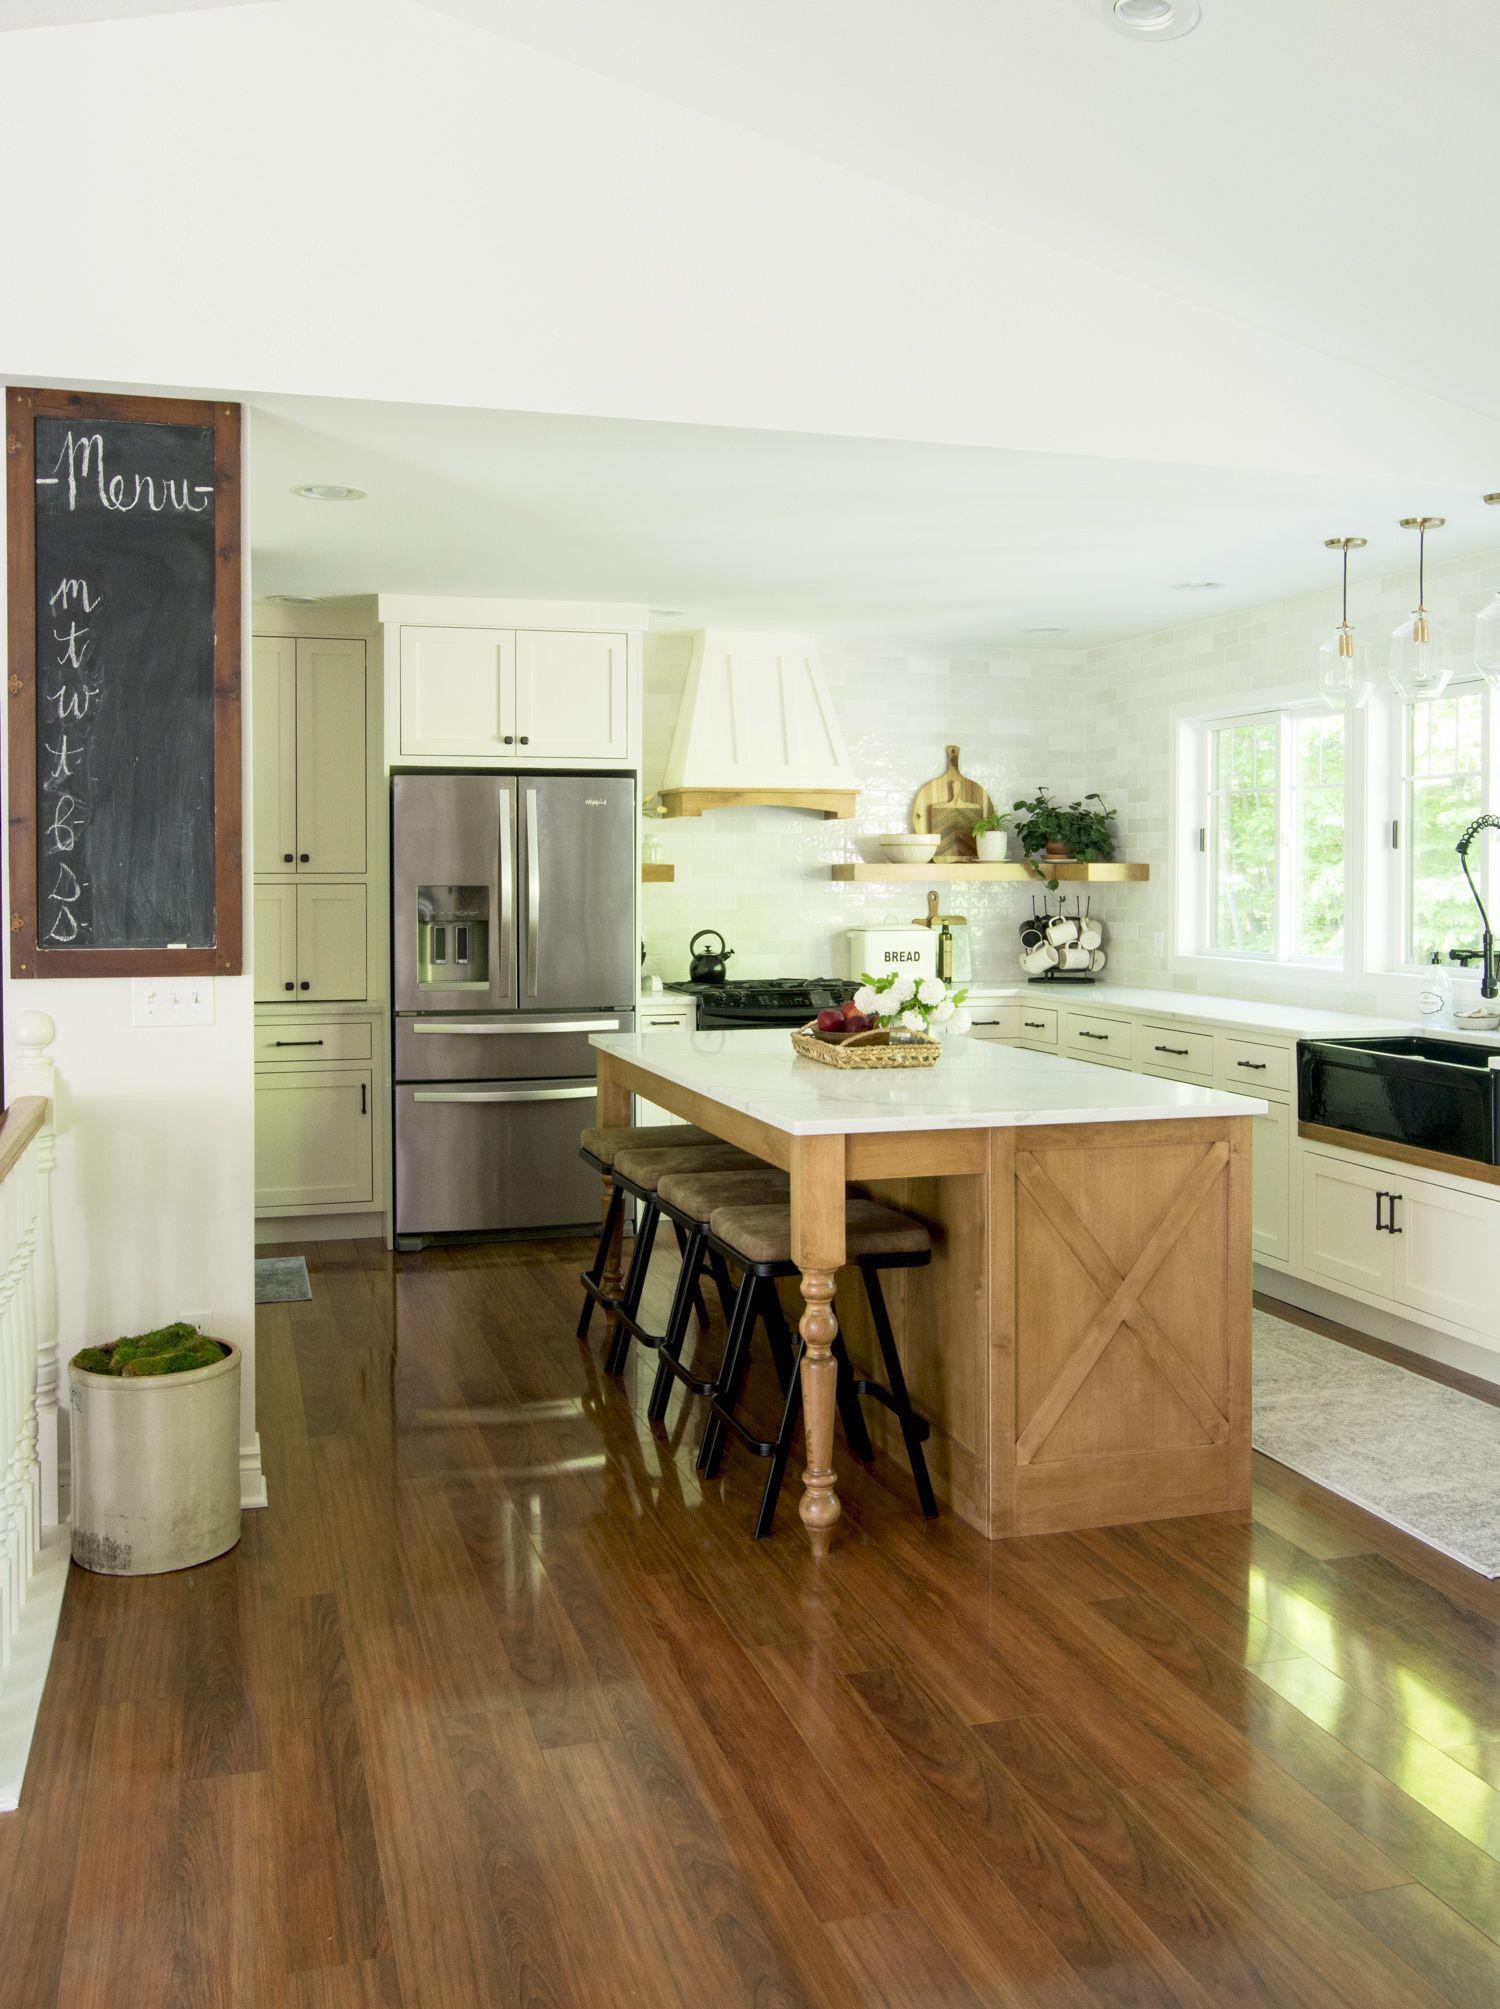 Summer Kitchen Decor Ideas Kitchen Decor Antique Kitchen Decor